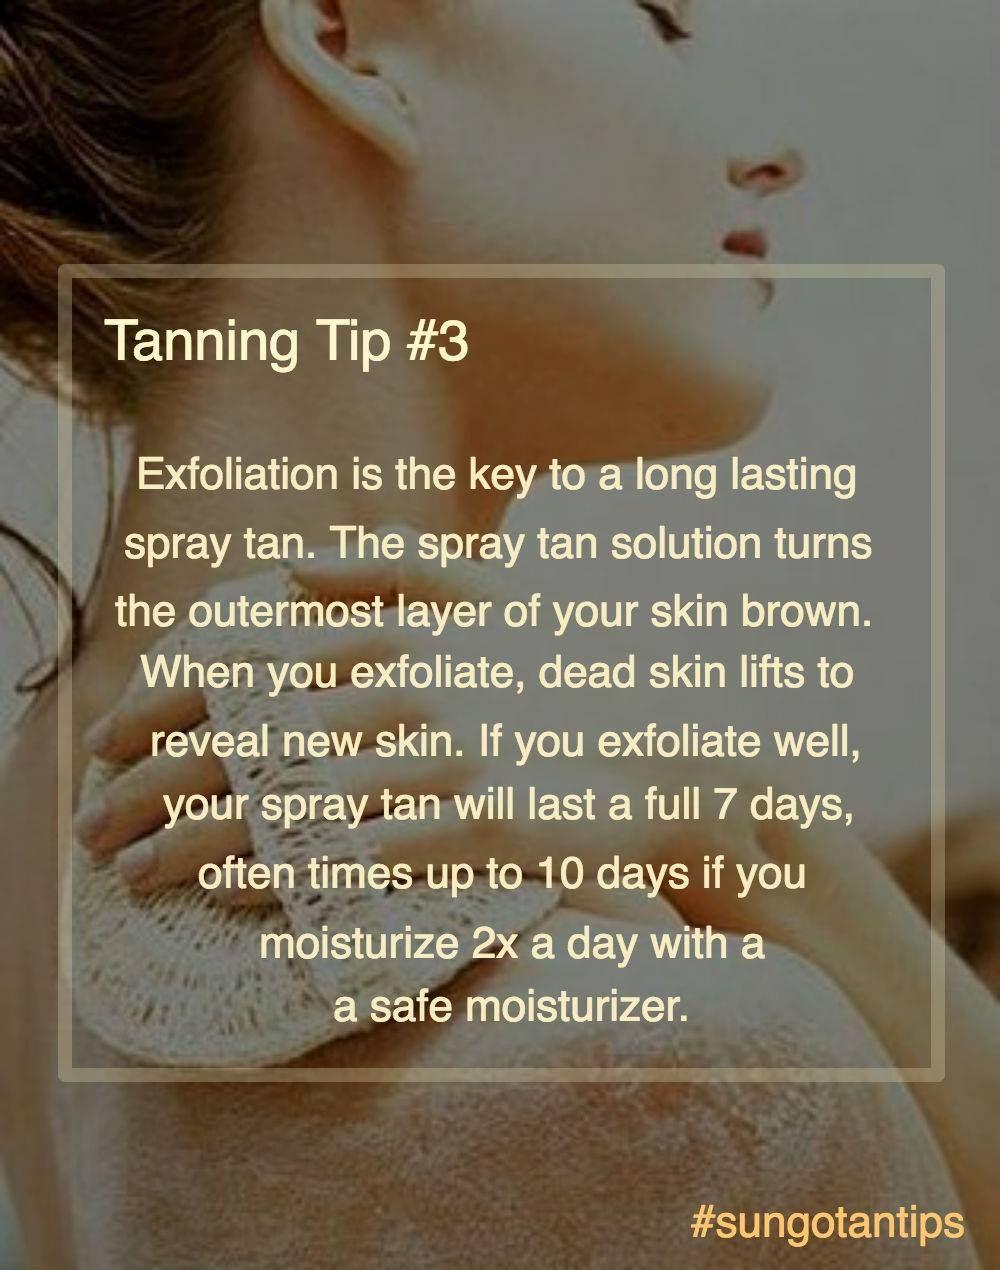 Sungo tanning tip #3